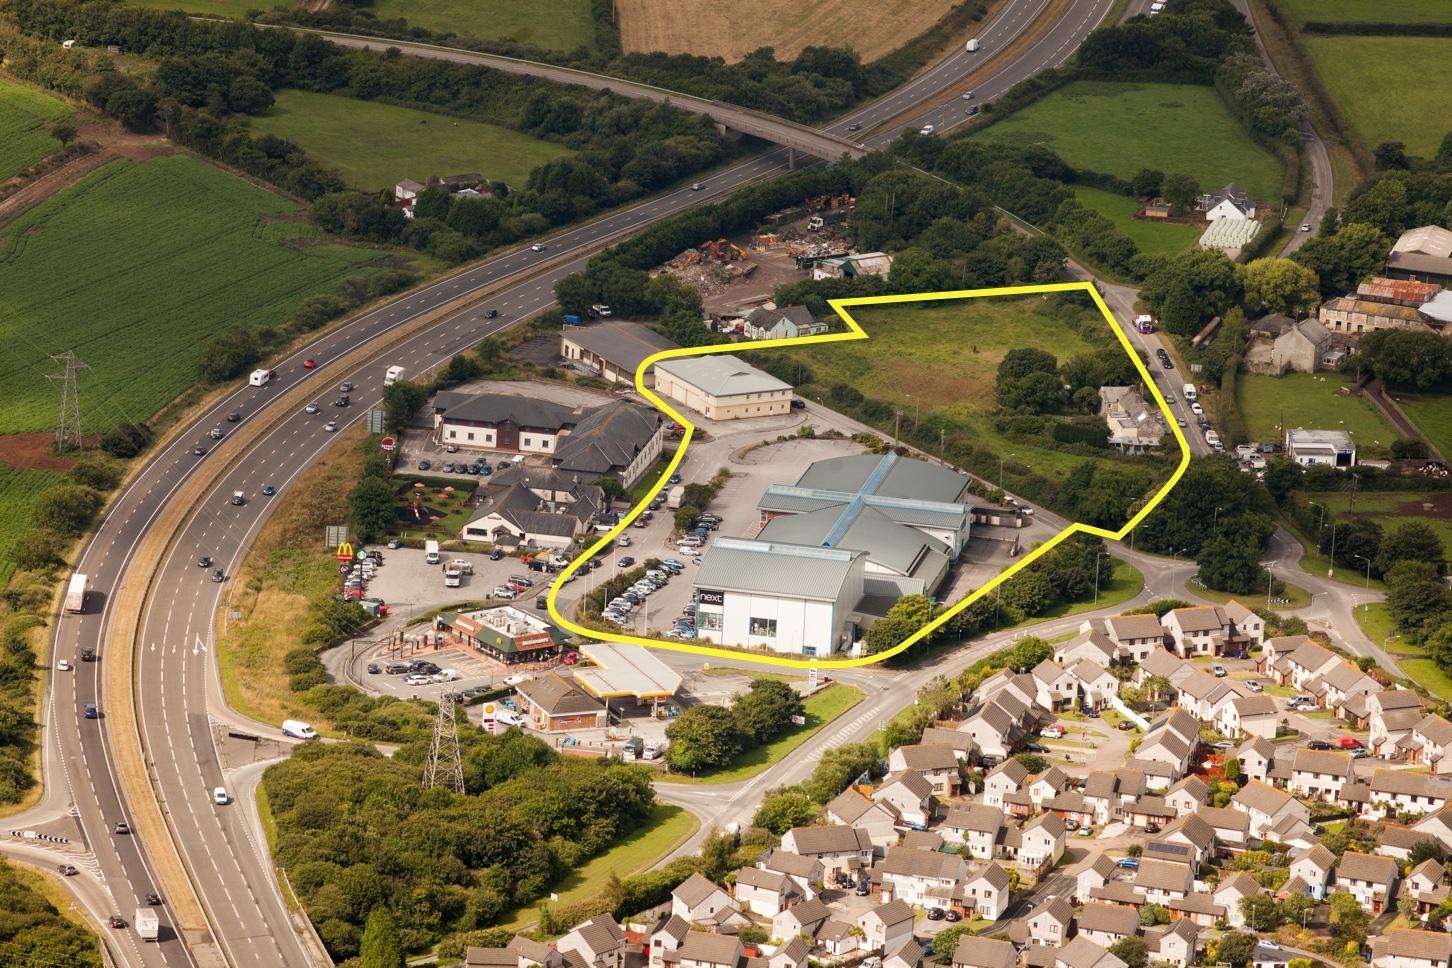 Kingsley Village aerial view